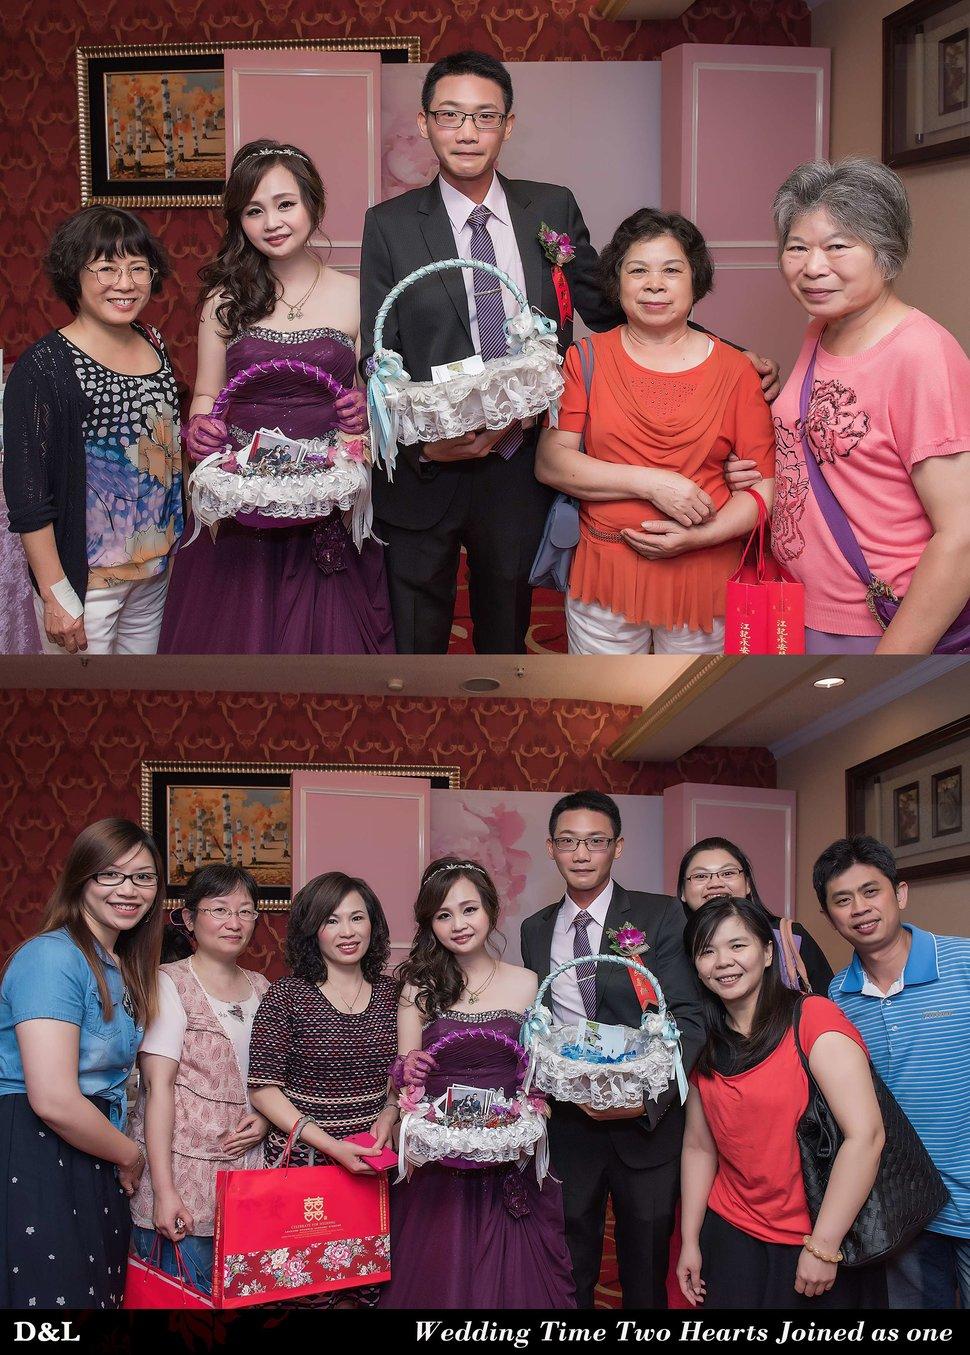 台中婚攝 婚禮記錄 錦全&昀臻-大和屋國際美食館大里(編號:6081) - D&L 婚禮事務-婚紗攝影/婚禮記錄 - 結婚吧